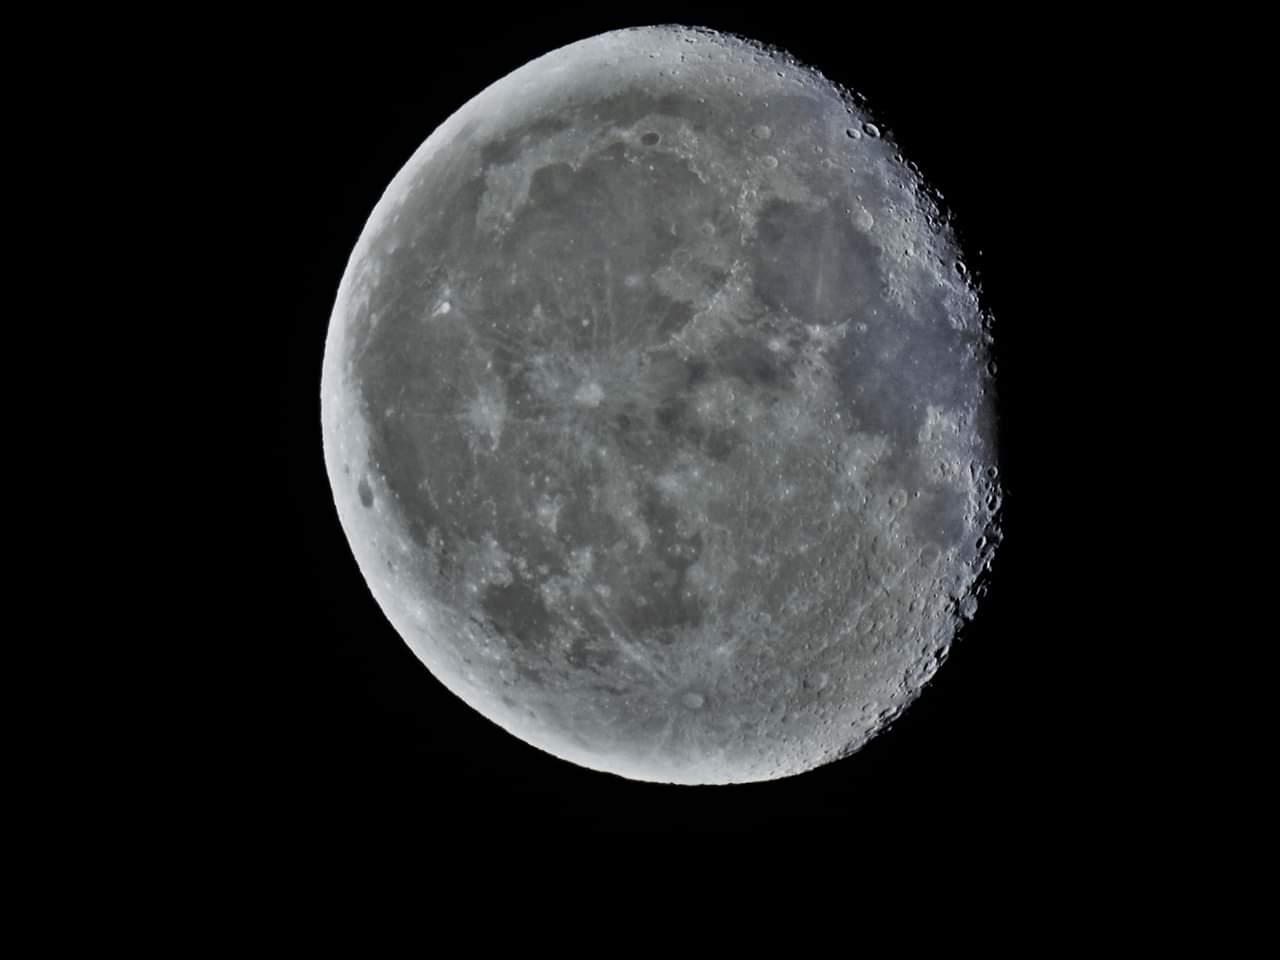 RT @Jordiporta8: La nit a Vilanova d'Escornalbou, la Lluna amb bandes de altocumuls, anticoant-se al front que s'acosta i que ens ha cobert el cel  amb algunas roines matinals #vilanovadescornalbou #324eltemps @AstroAventura @El_Universo_Hoy https://t.co/kVKPzRvCQ9